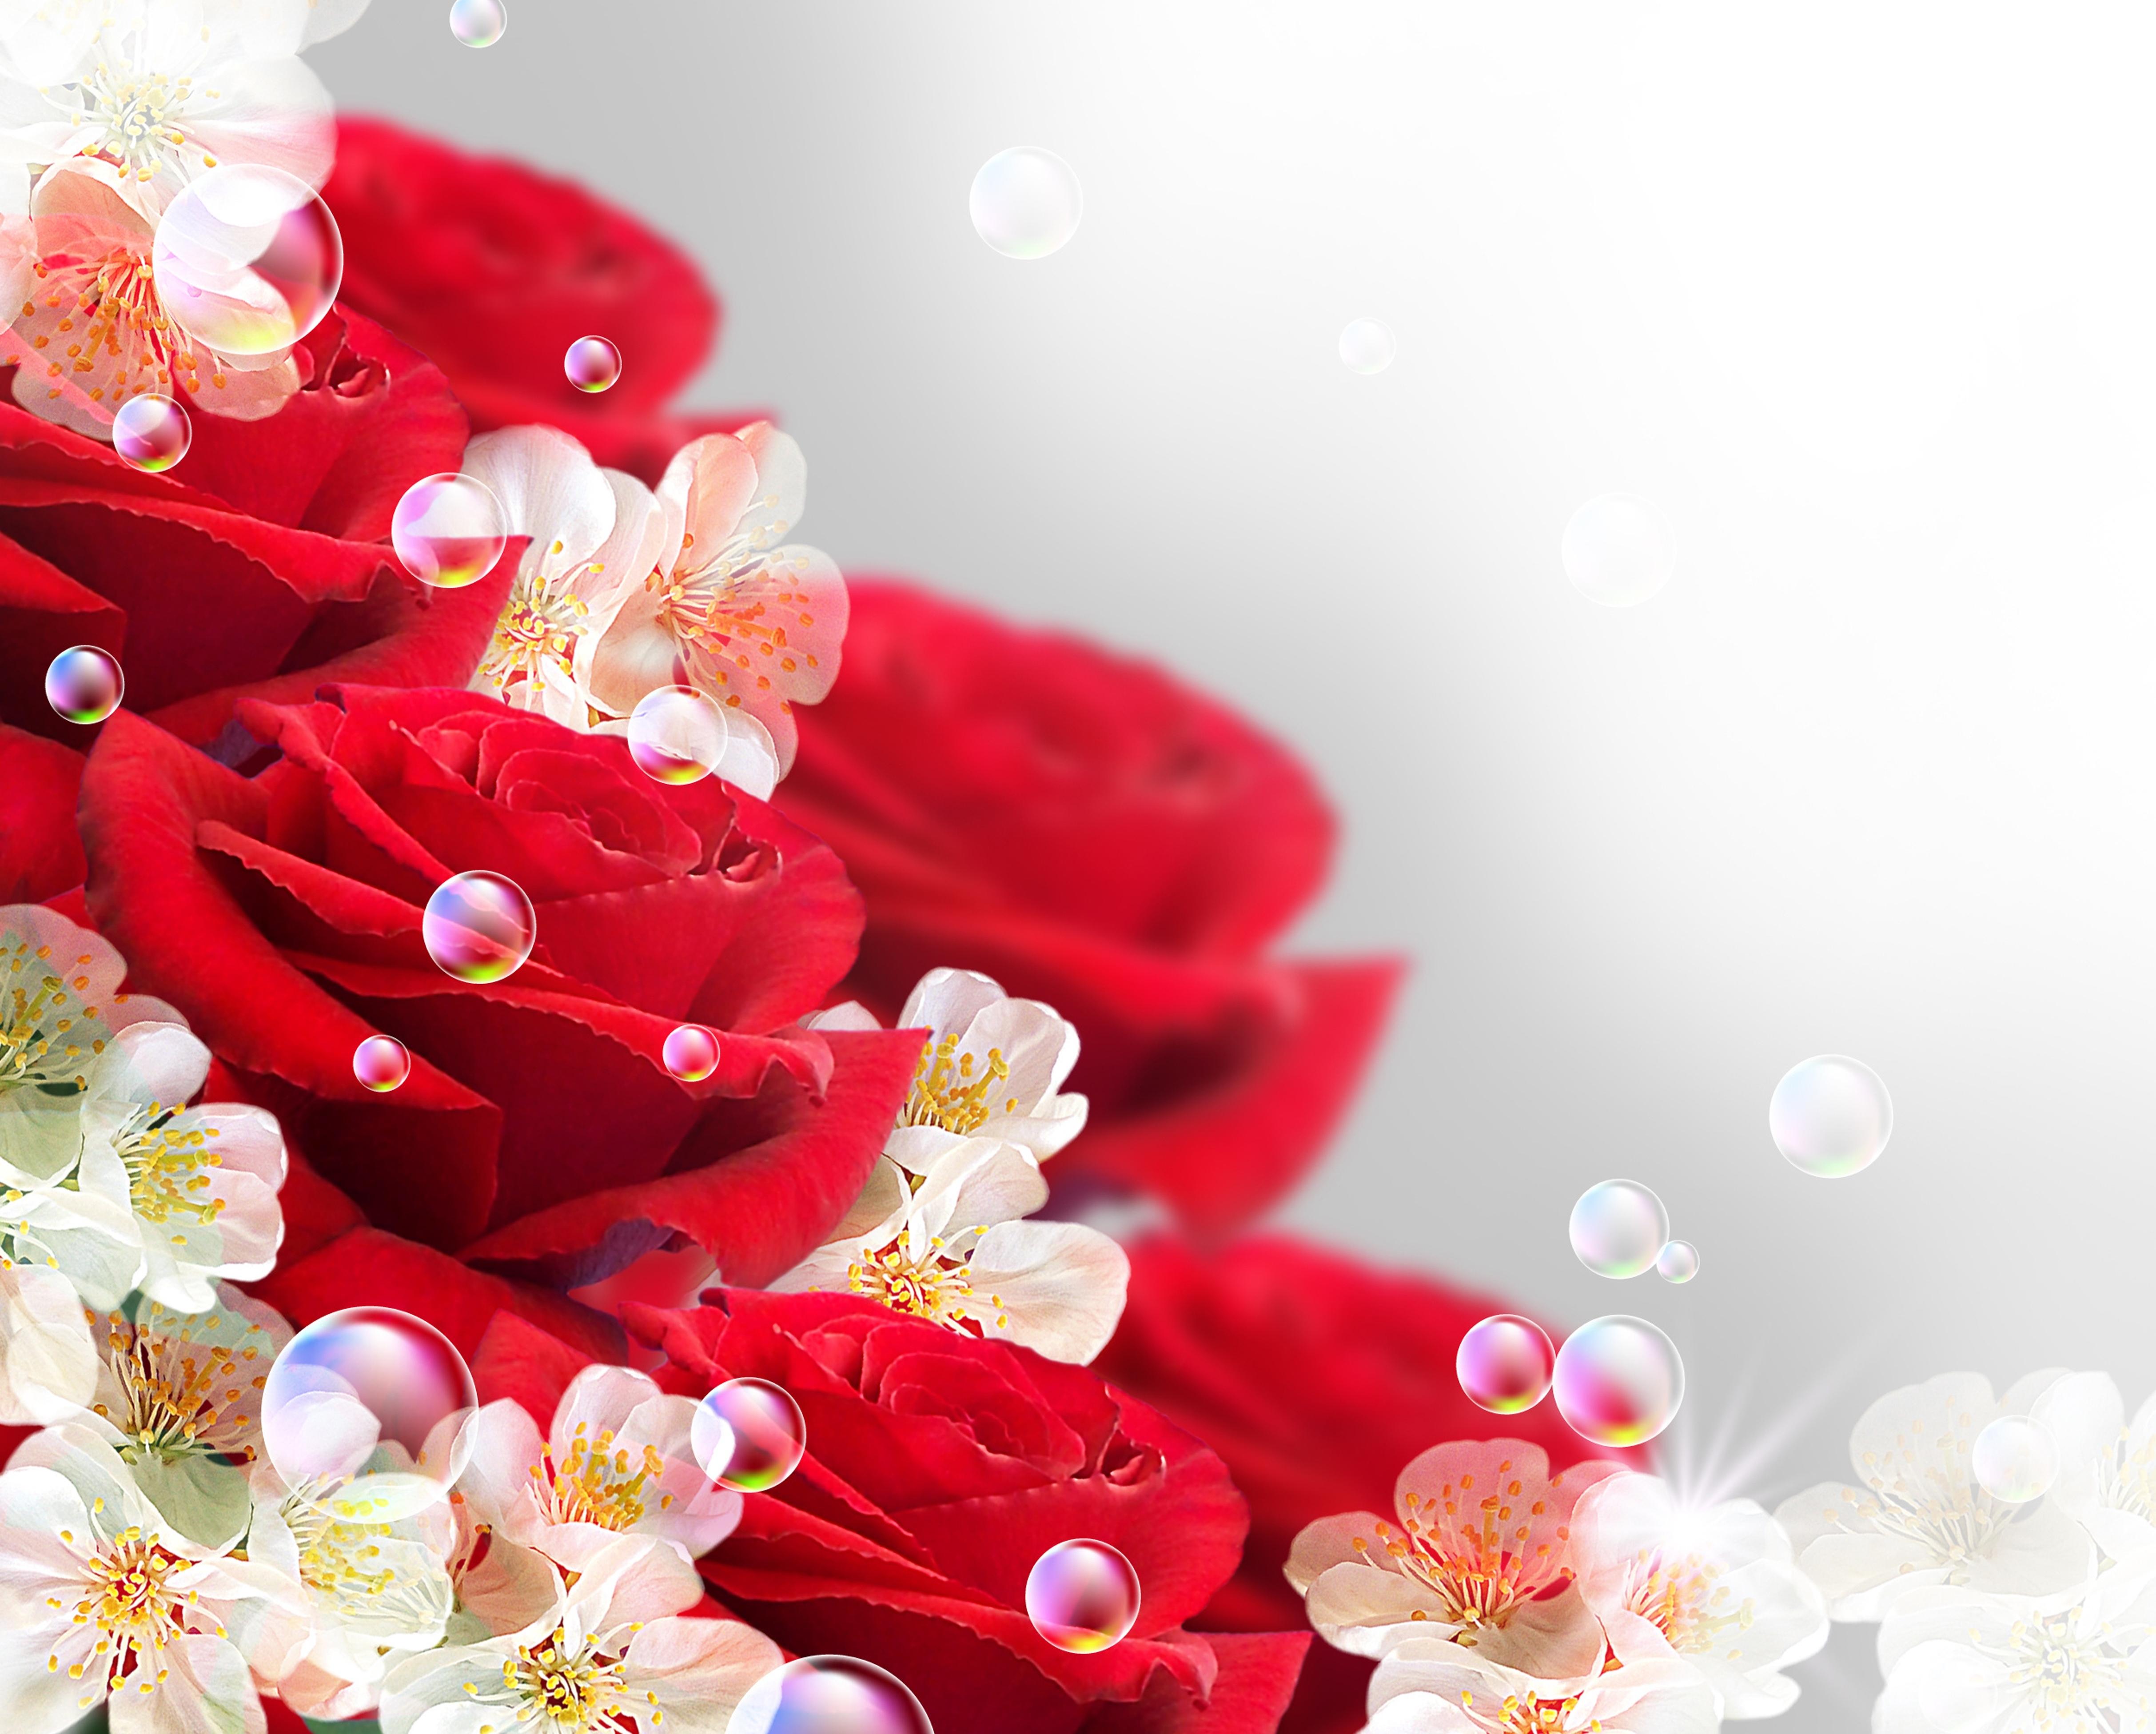 Картинки заставку, открытки с розами для сестры